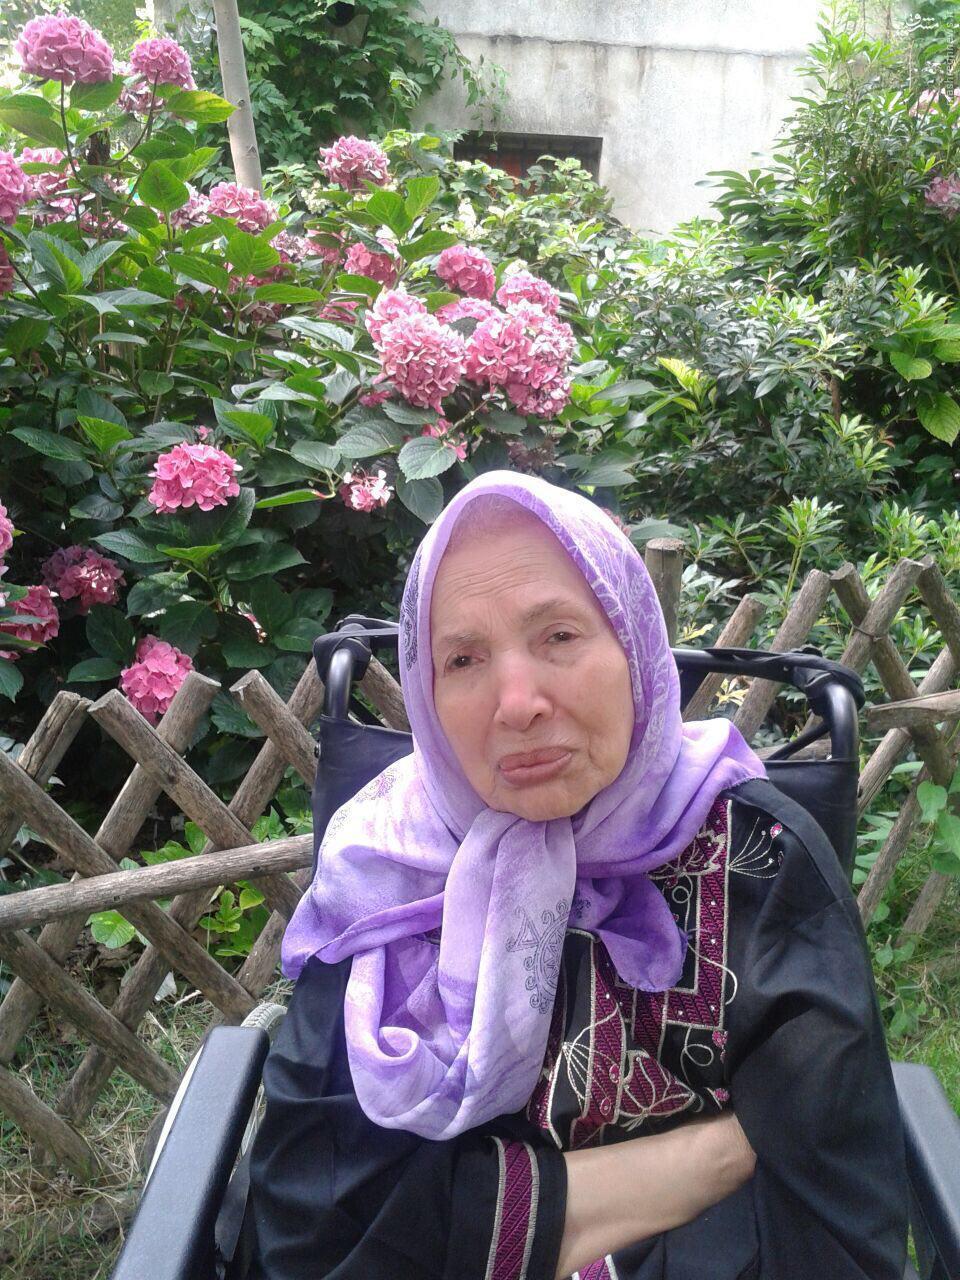 بانوی فرانسوی که ثروتش را در راه انقلاب اسلامی هزینه کرد